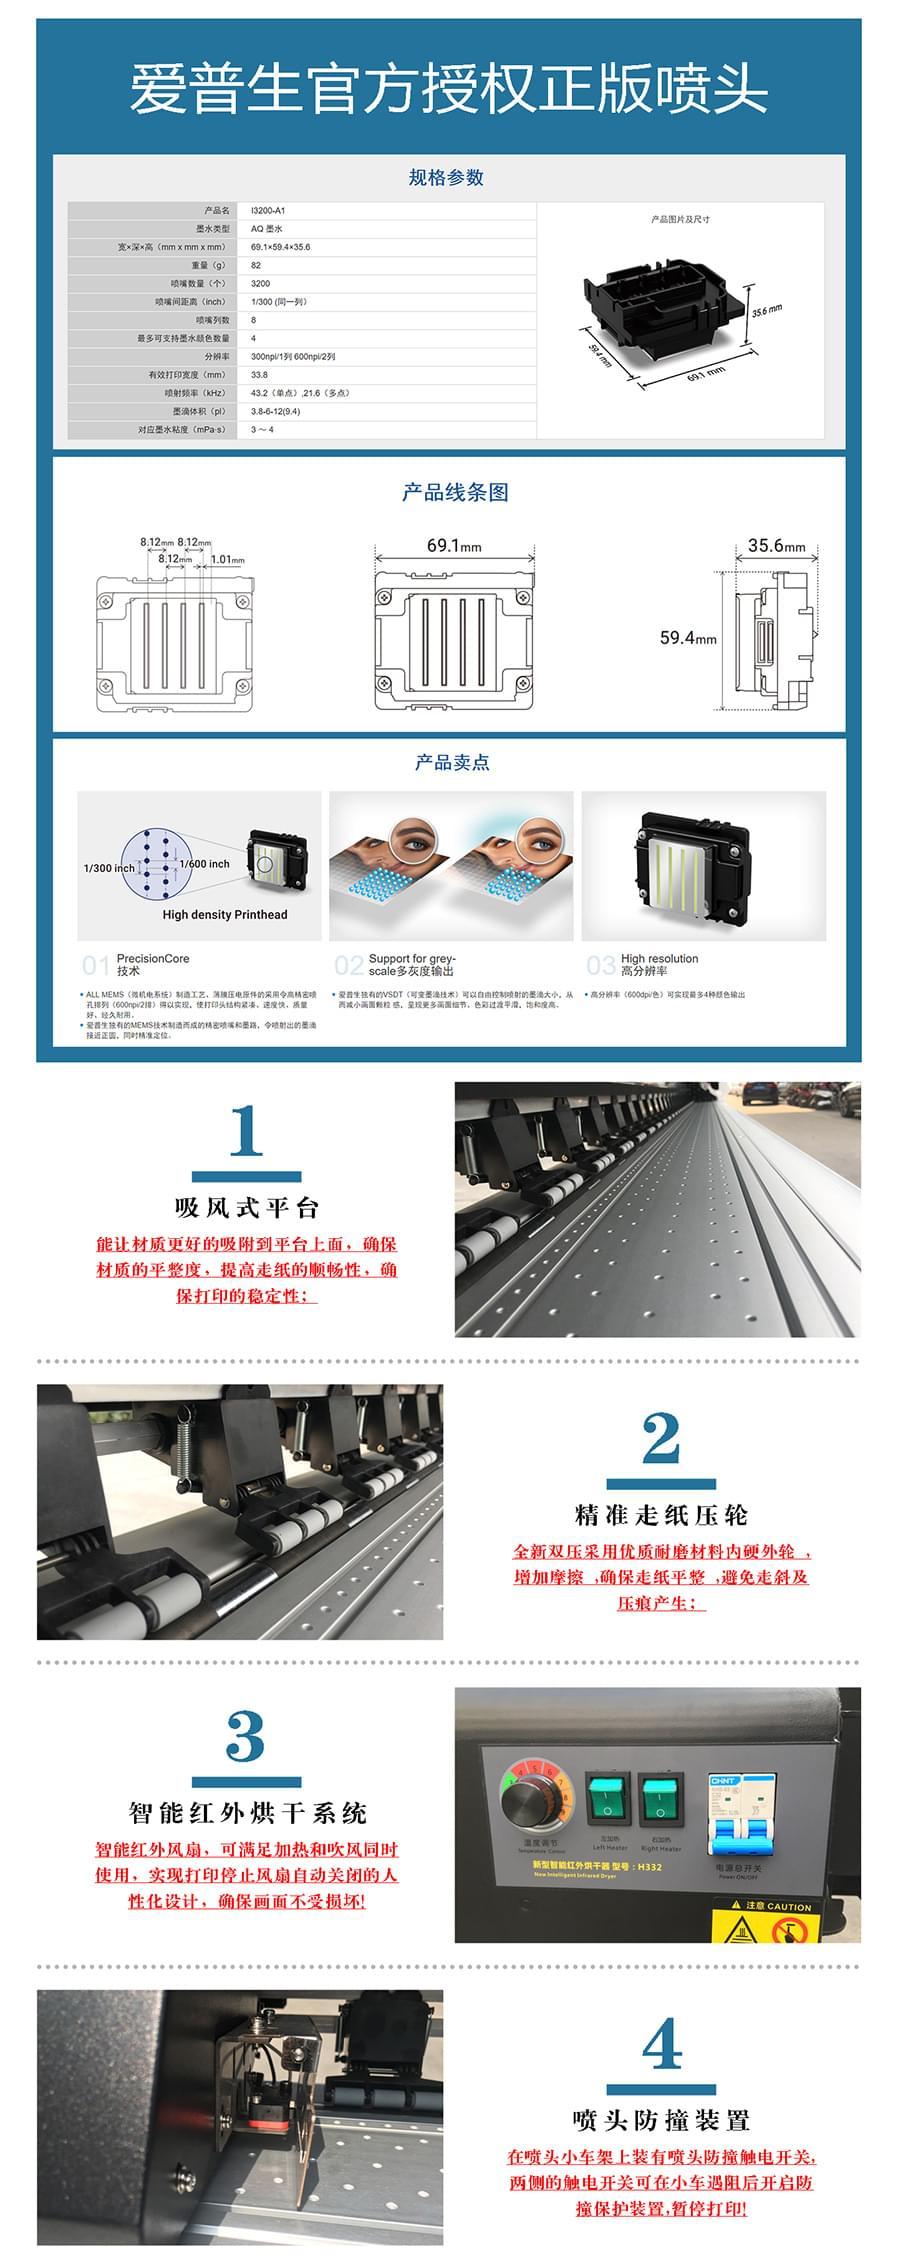 S3200-I3200三_02